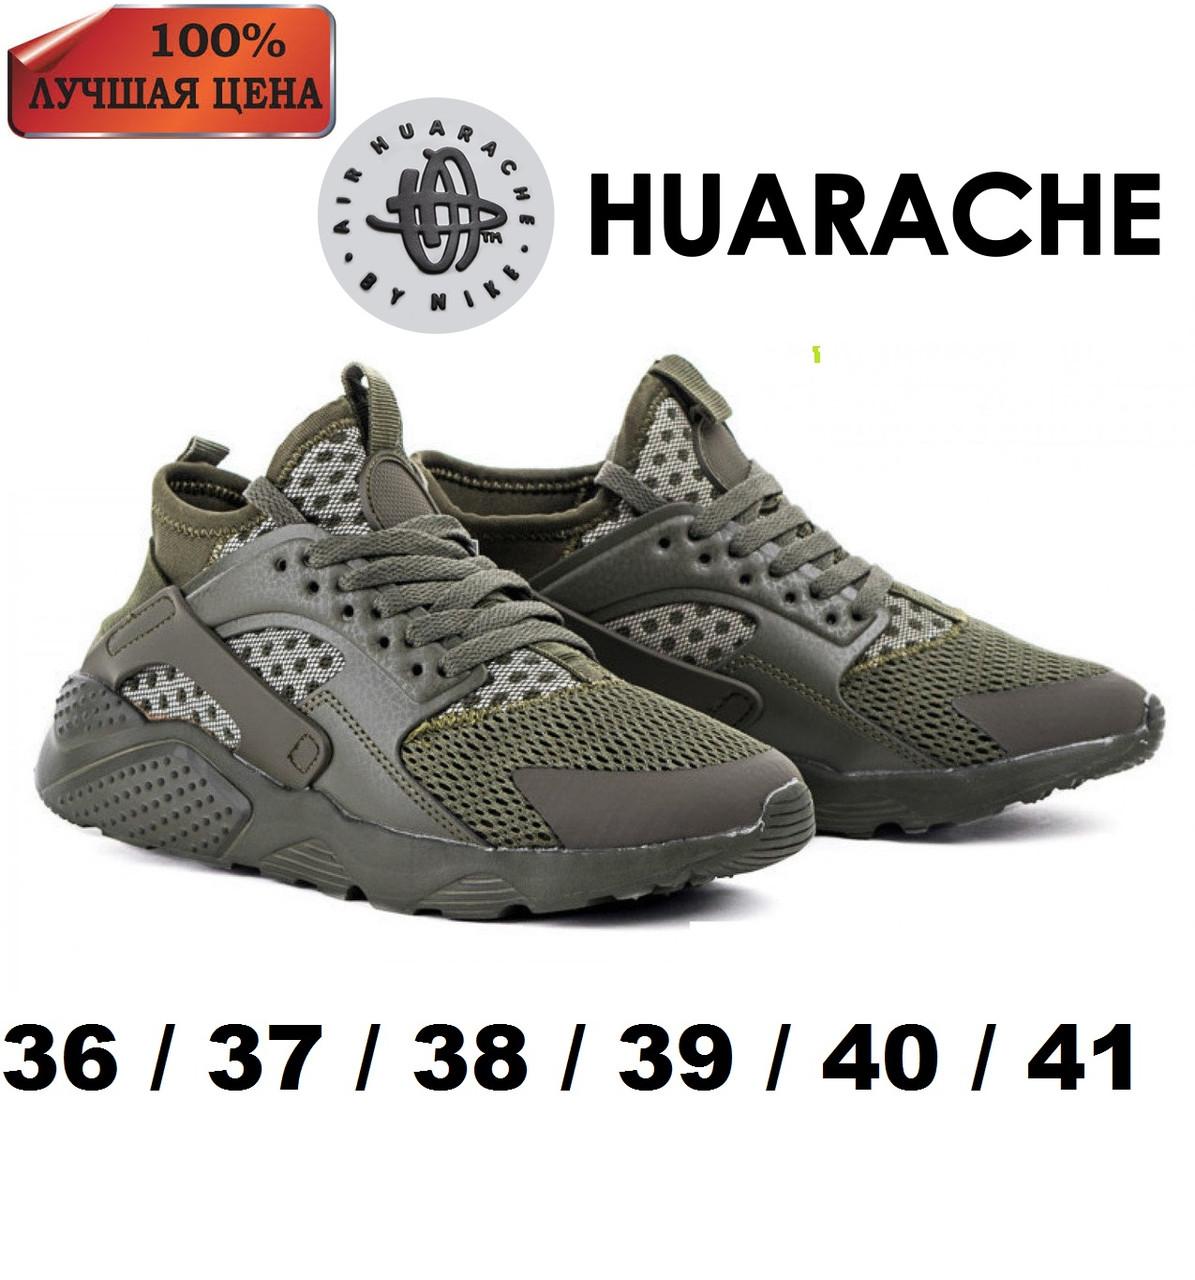 Кроссовки Найк Хуарачи - Nike Huarache. Цвет хаки. Женские кроссовки, подростковые., фото 1